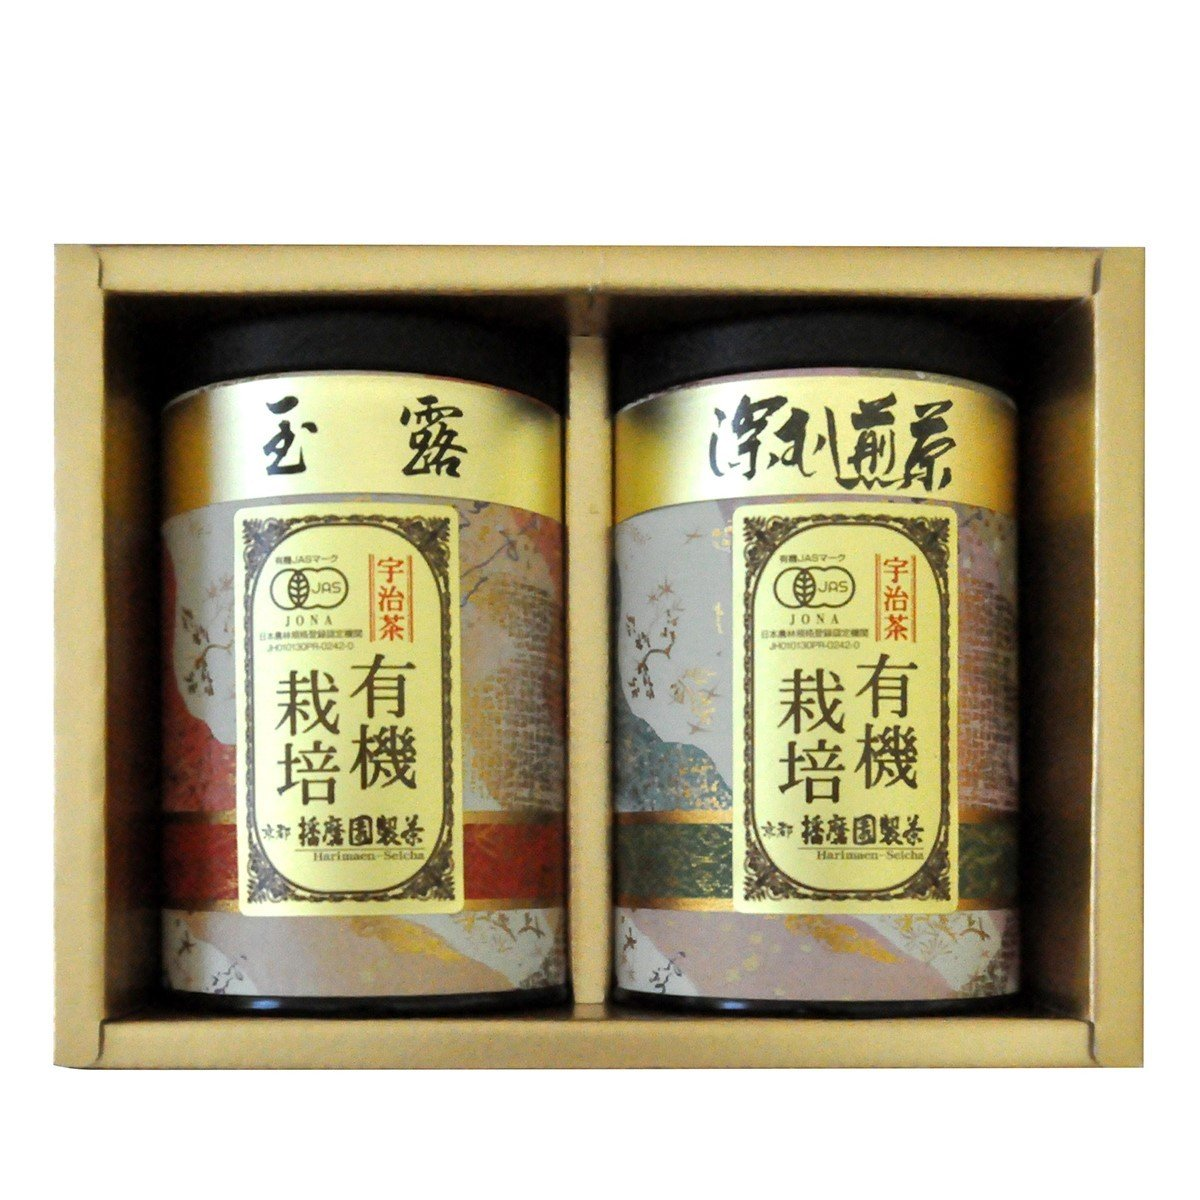 有機宇治茶 2罐套裝(HY‐40)